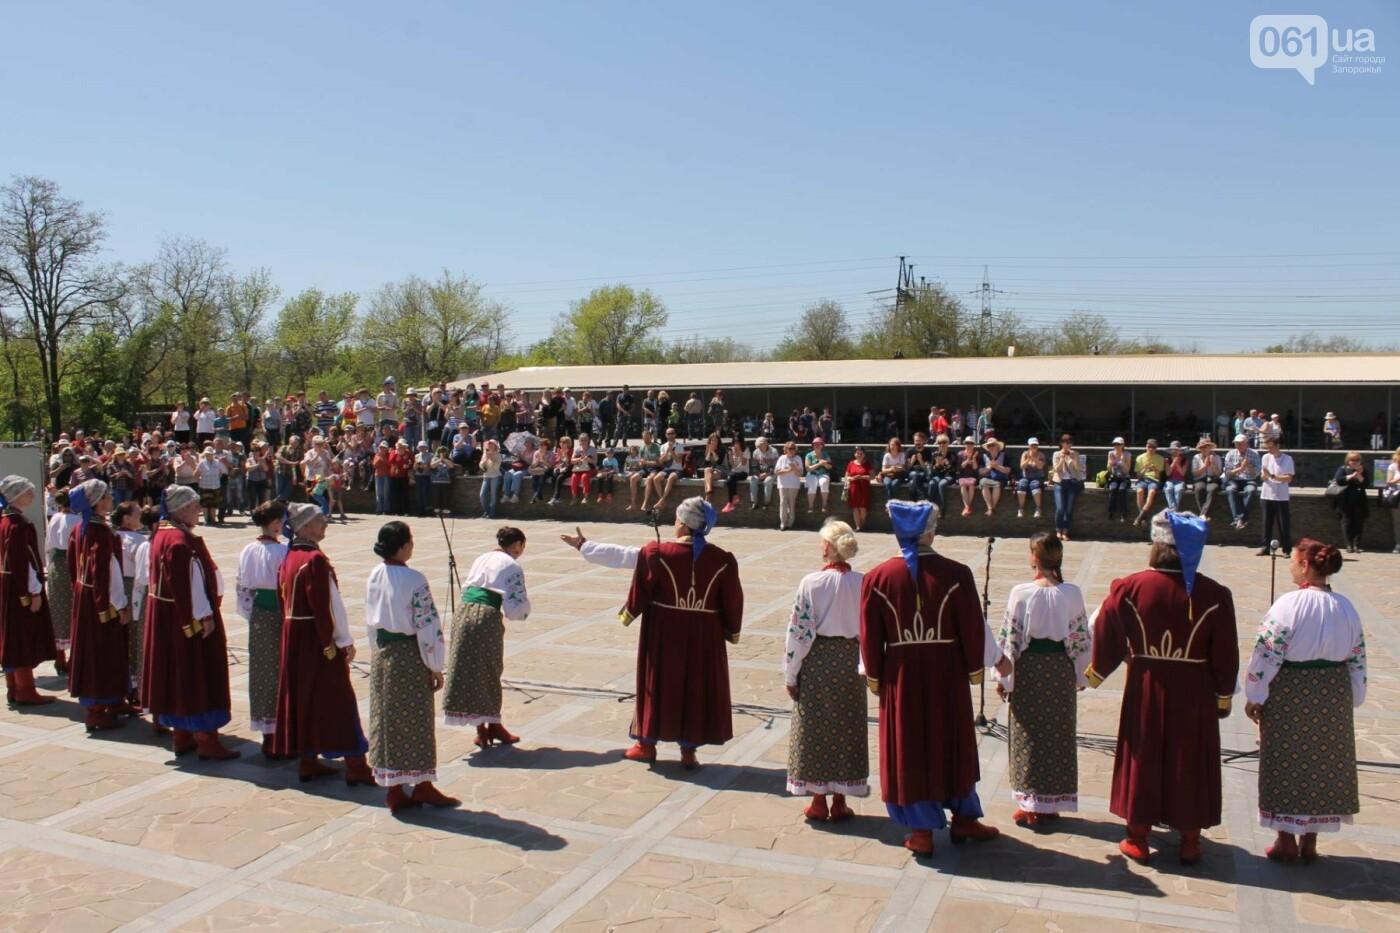 В Запорожье на Хортице концертом открыли туристический сезон: как это было, – ФОТОРЕПОРТАЖ, фото-5